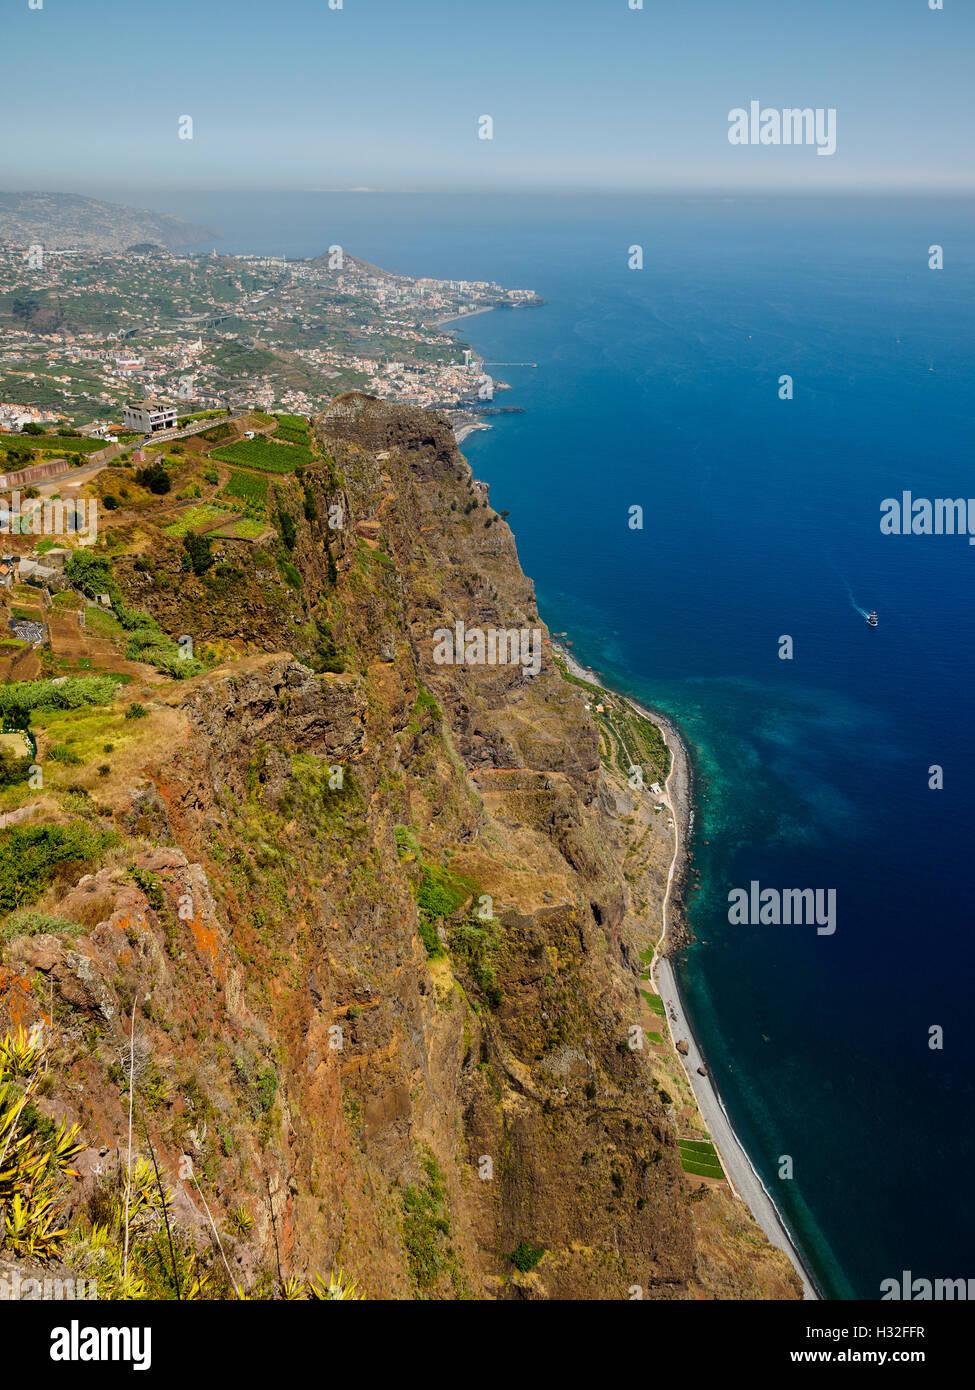 Ein Blick aus dem Miradouro Cabo Girao, 580 Meter über dem Meeresspiegel, Richtung Camara de Lobos und Funchal Stockbild